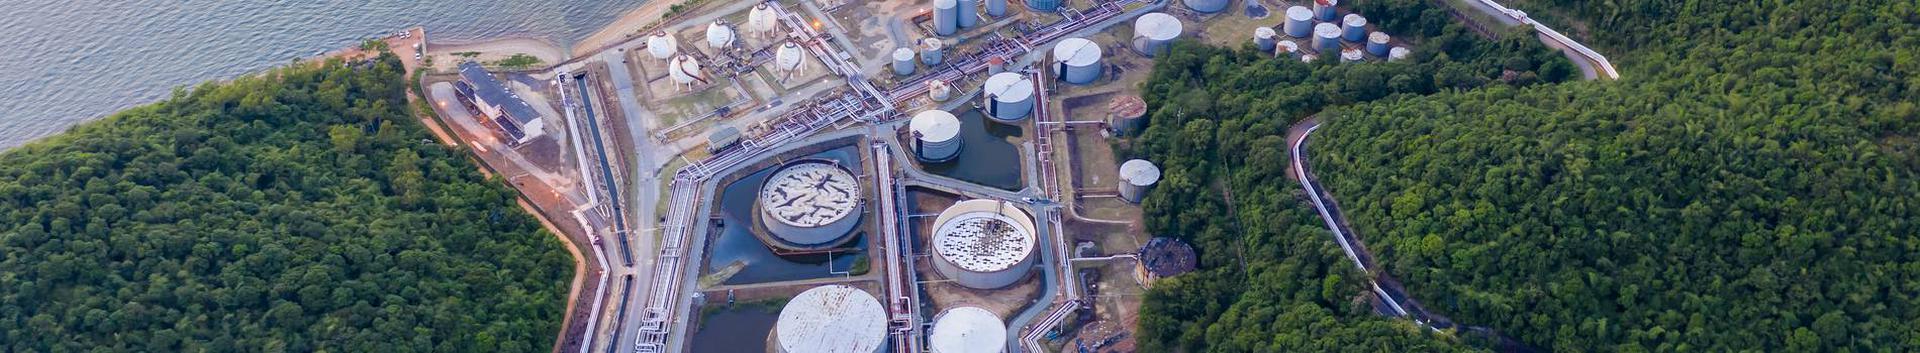 19201_puhastatud-naftatoodete-tootmine_69734029_xl.jpg